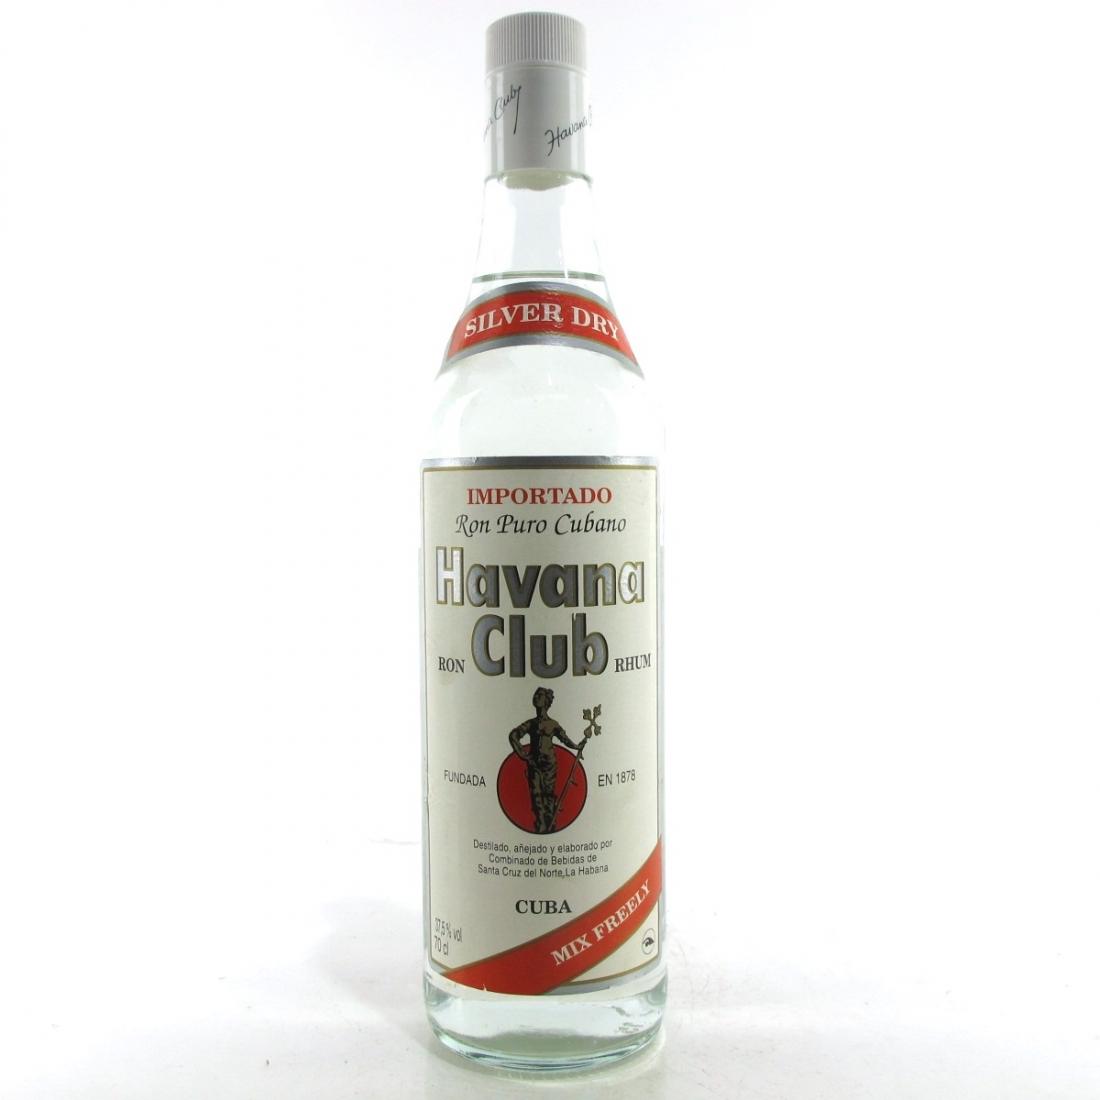 Havana Club Silver Dry Rum